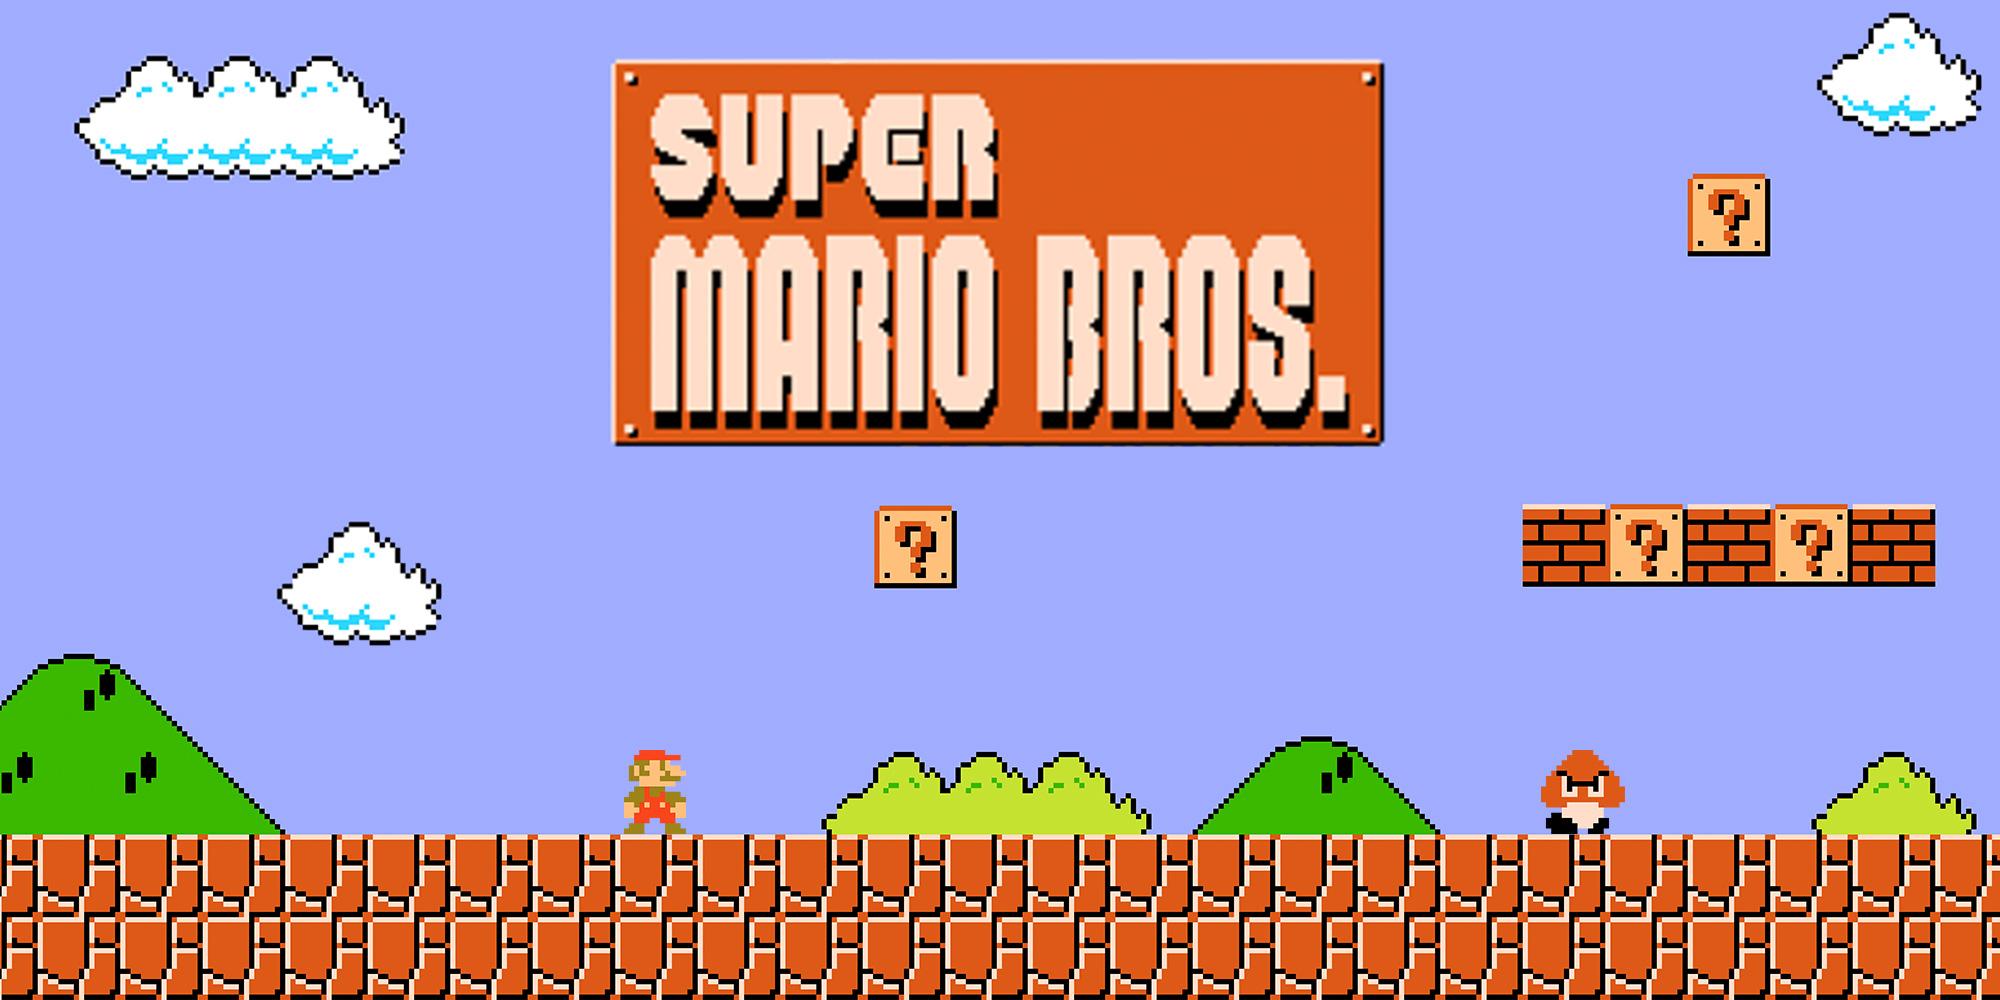 El juego más caro de la historia se vende por 114.000 dólares, una copia de Super Mario Bros. de NES